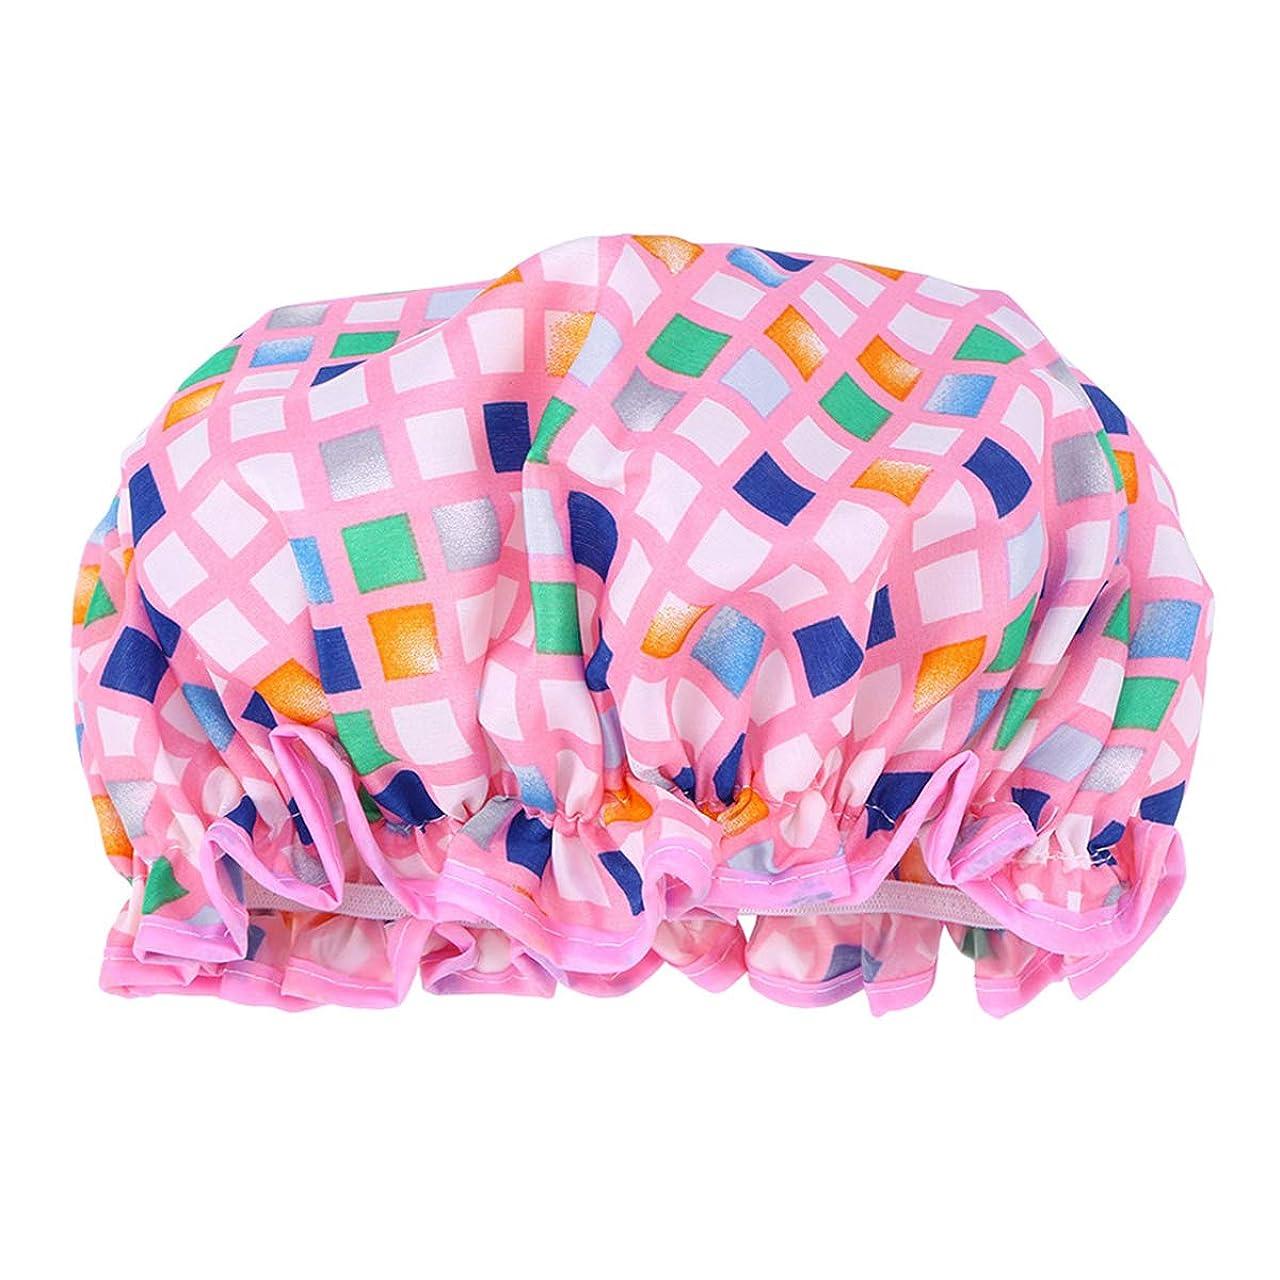 以来ジャンプする食欲Healifty 防水入浴シャワーキャップ美しく厚くなったダブルデッキエヴァシャワーキャップ女の子女性レディ用(ピンク)